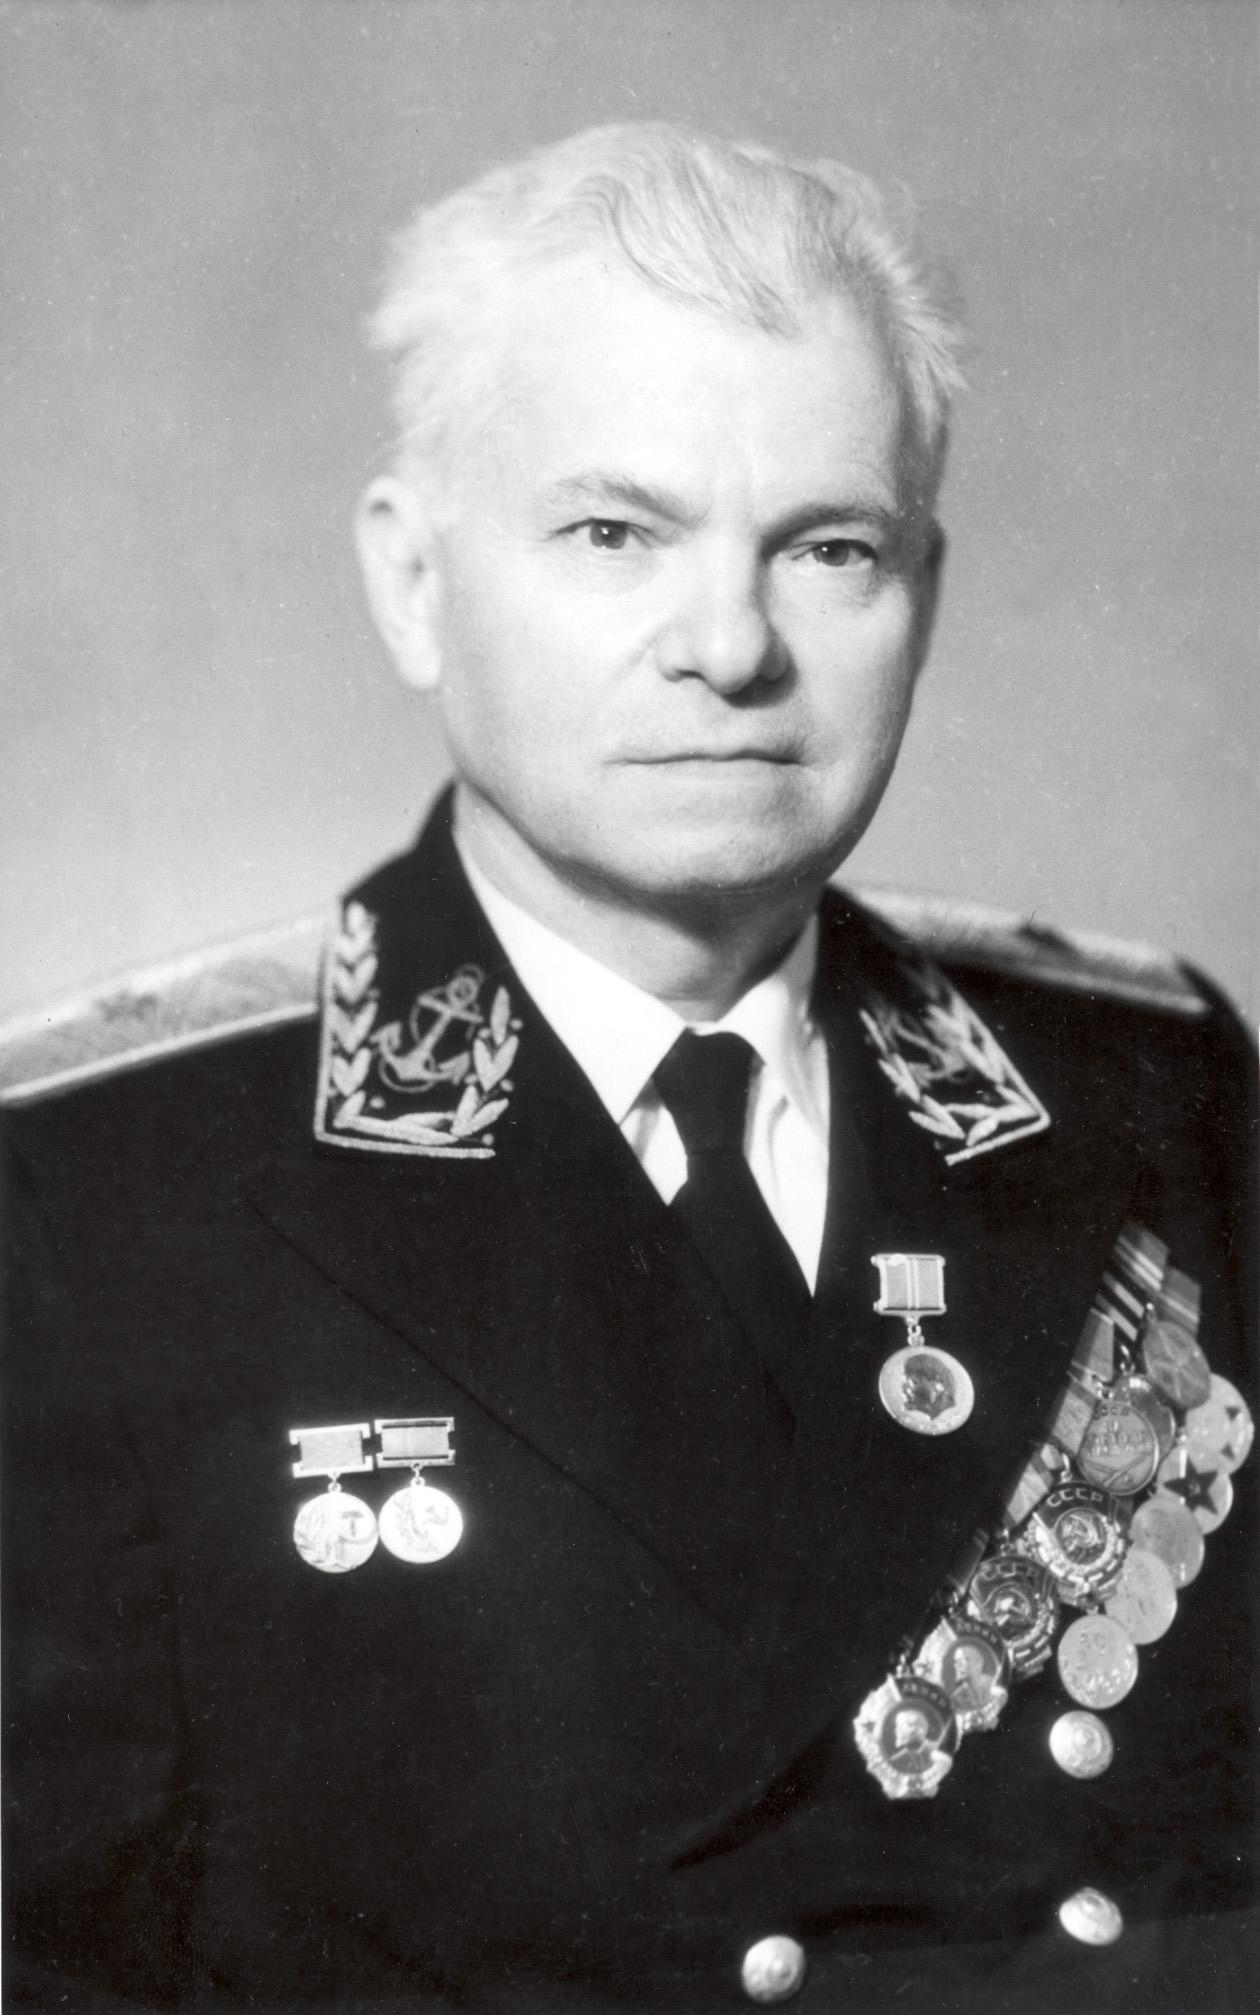 Авиаконструктор Георгий Михайлович Бериев с боевыми наградами